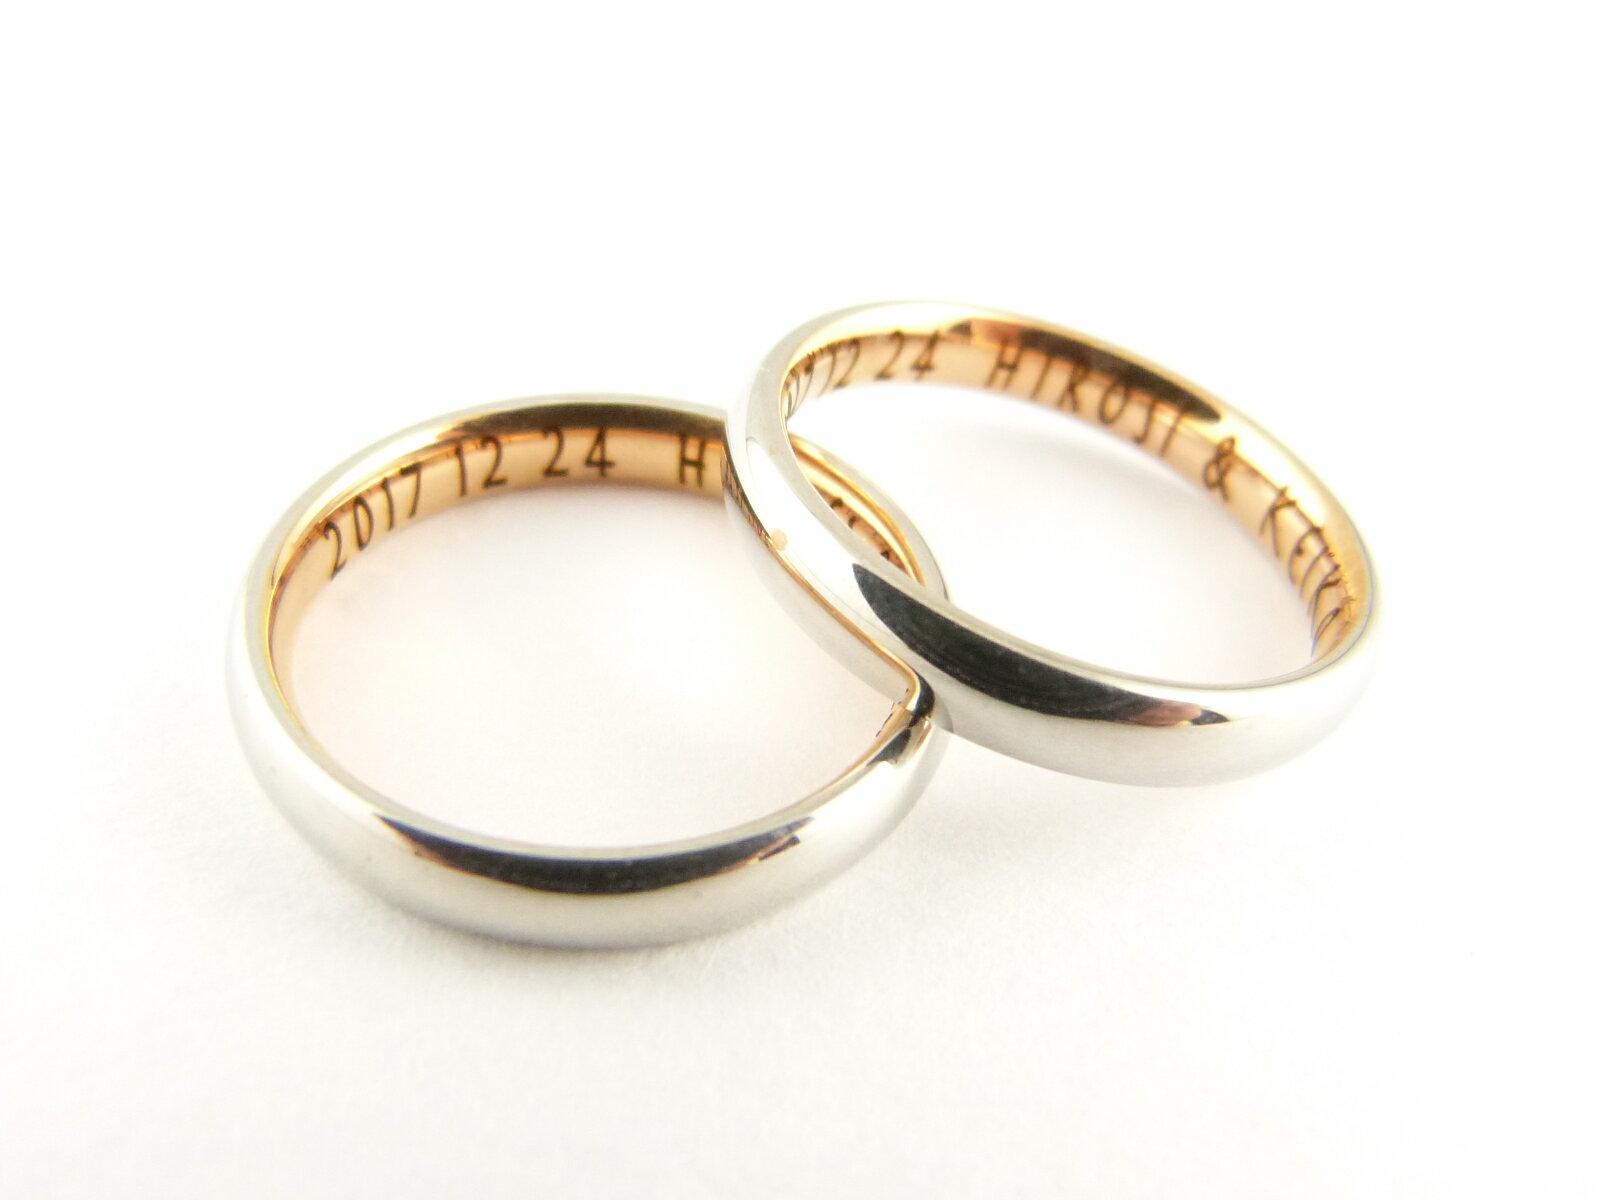 【ネーム刻印無料】「ピンクゴールド色」月のうさぎ 316Lステンレス【2本】「ペアリング、結婚指輪」